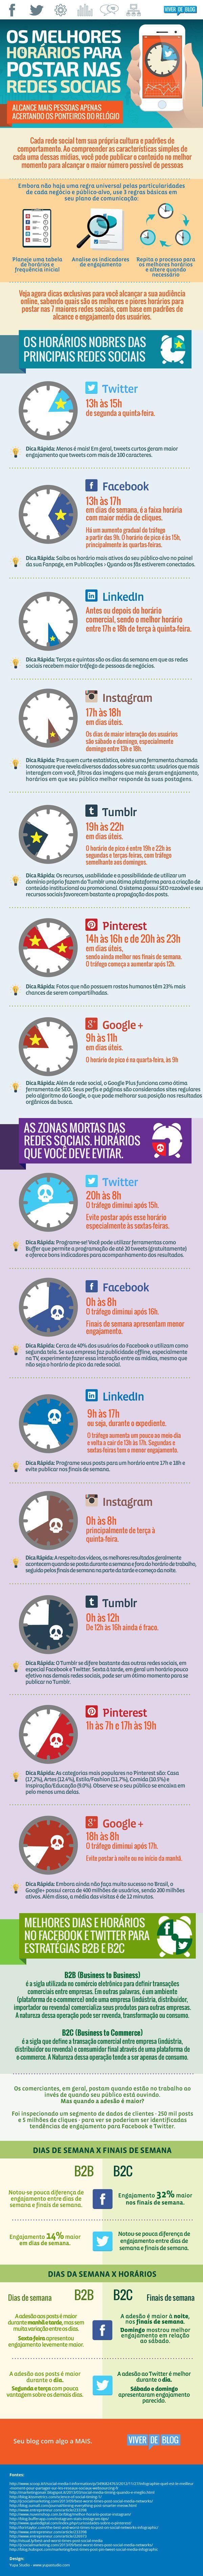 Infográfico com os melhores horários para postar nas redes sociais